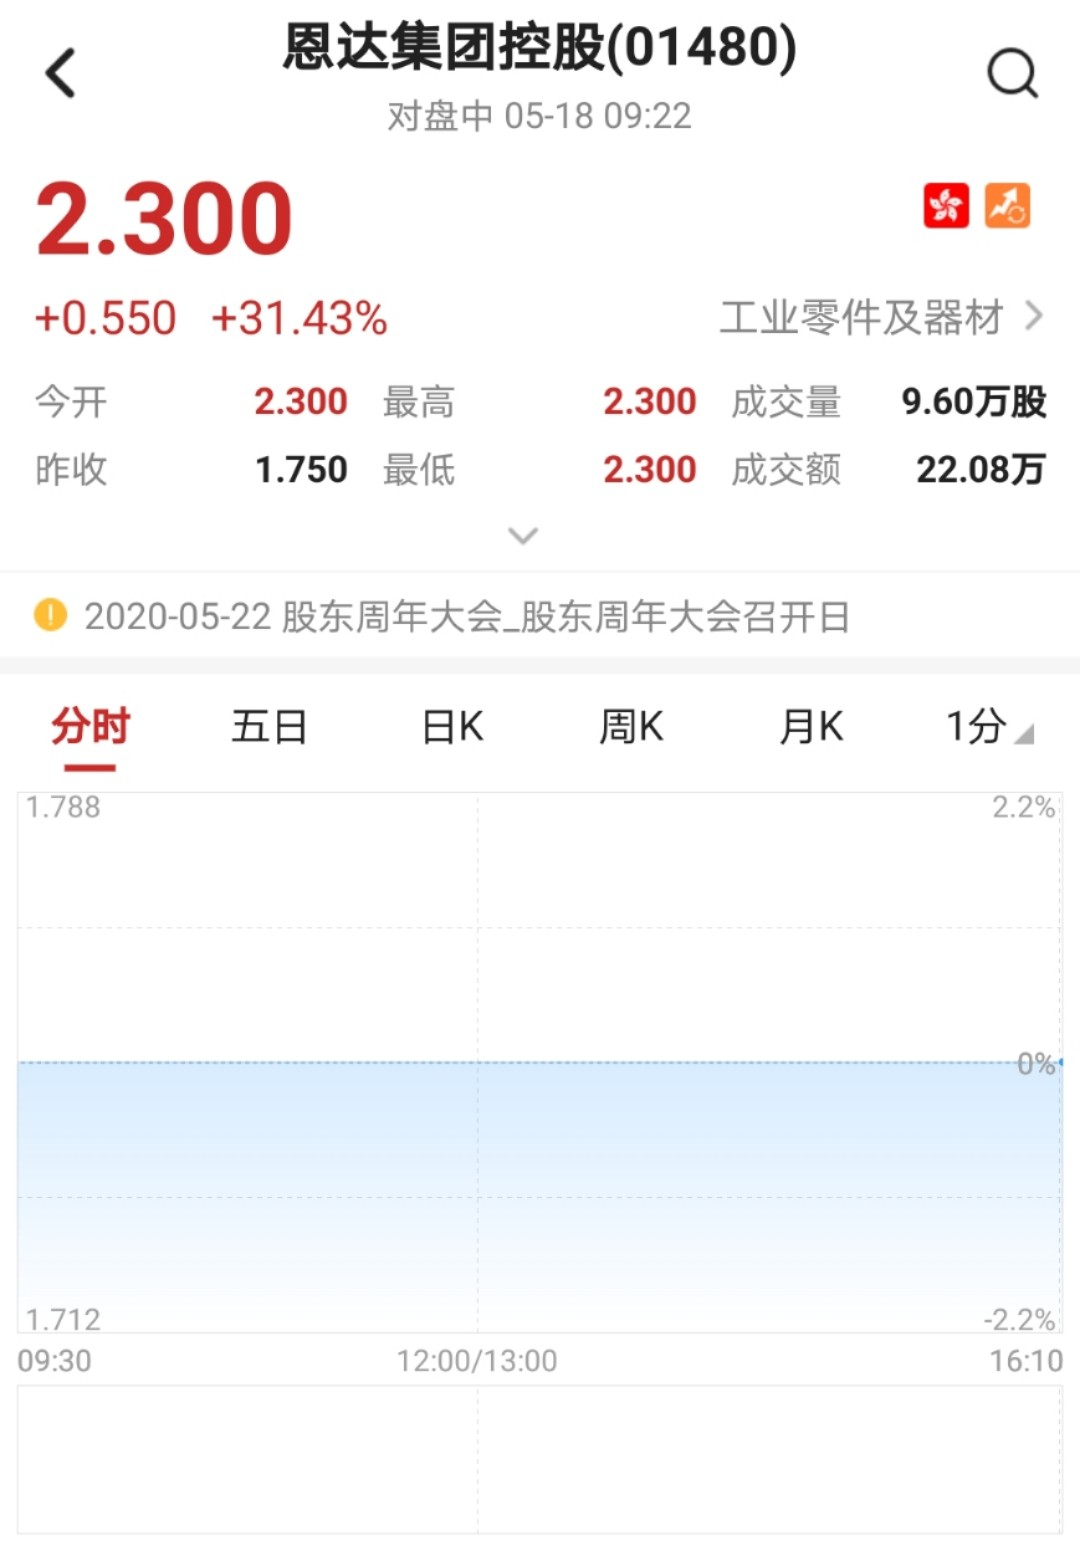 港股异动︱恩达集团控股(01480)复牌无量上涨31% 签订深圳城市更新项目涉资14亿元